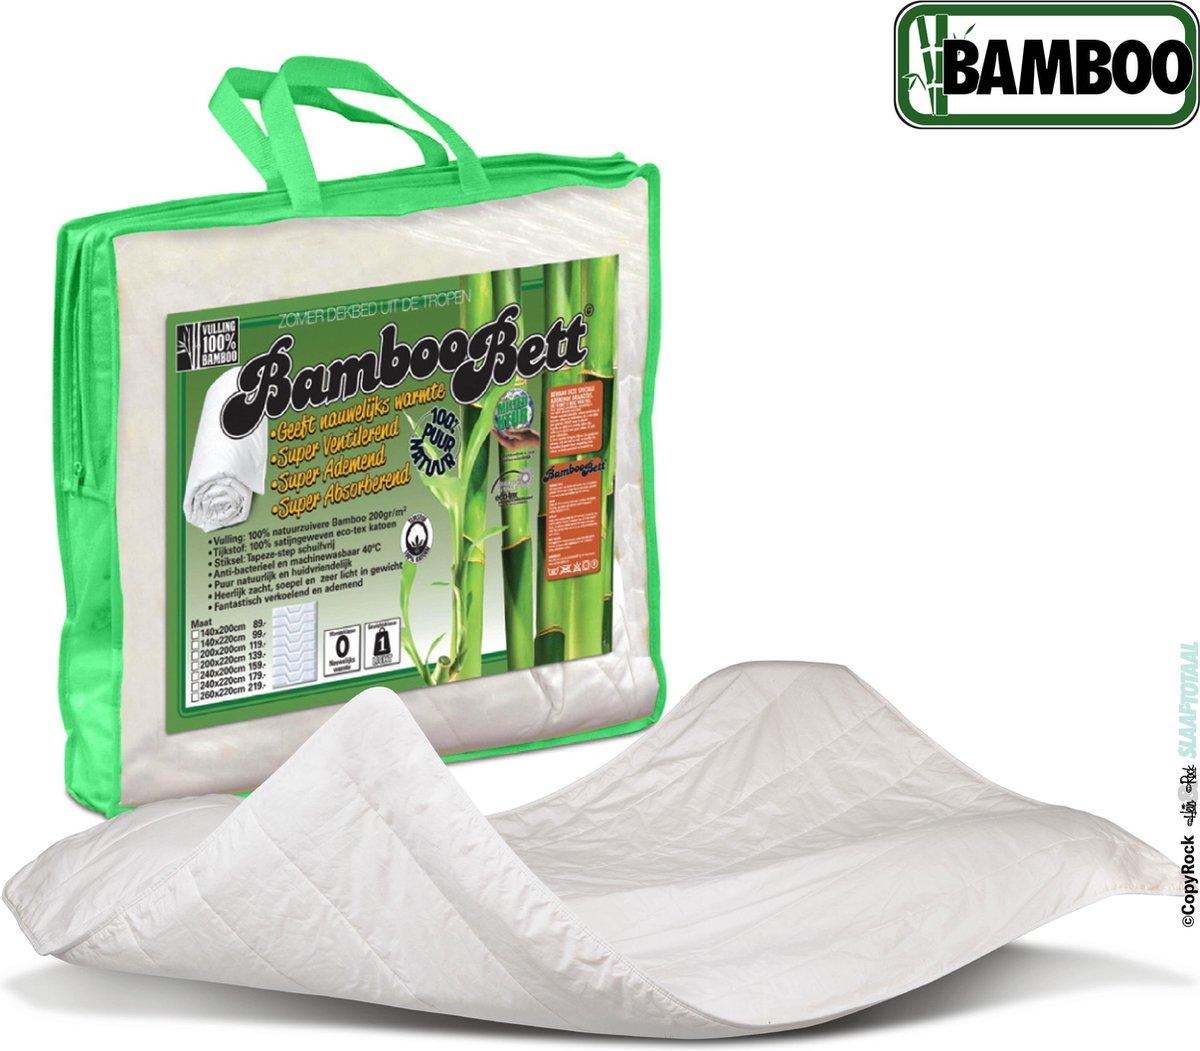 Bamboo Bett | Origineel zuiver bamboe zomerdekbed | Heerlijk koel en fris bamboe dekbed | Licht, soepel, absorberend, ventilerend zomer dekbed | Bamboe 140x220cm (Extra lang)